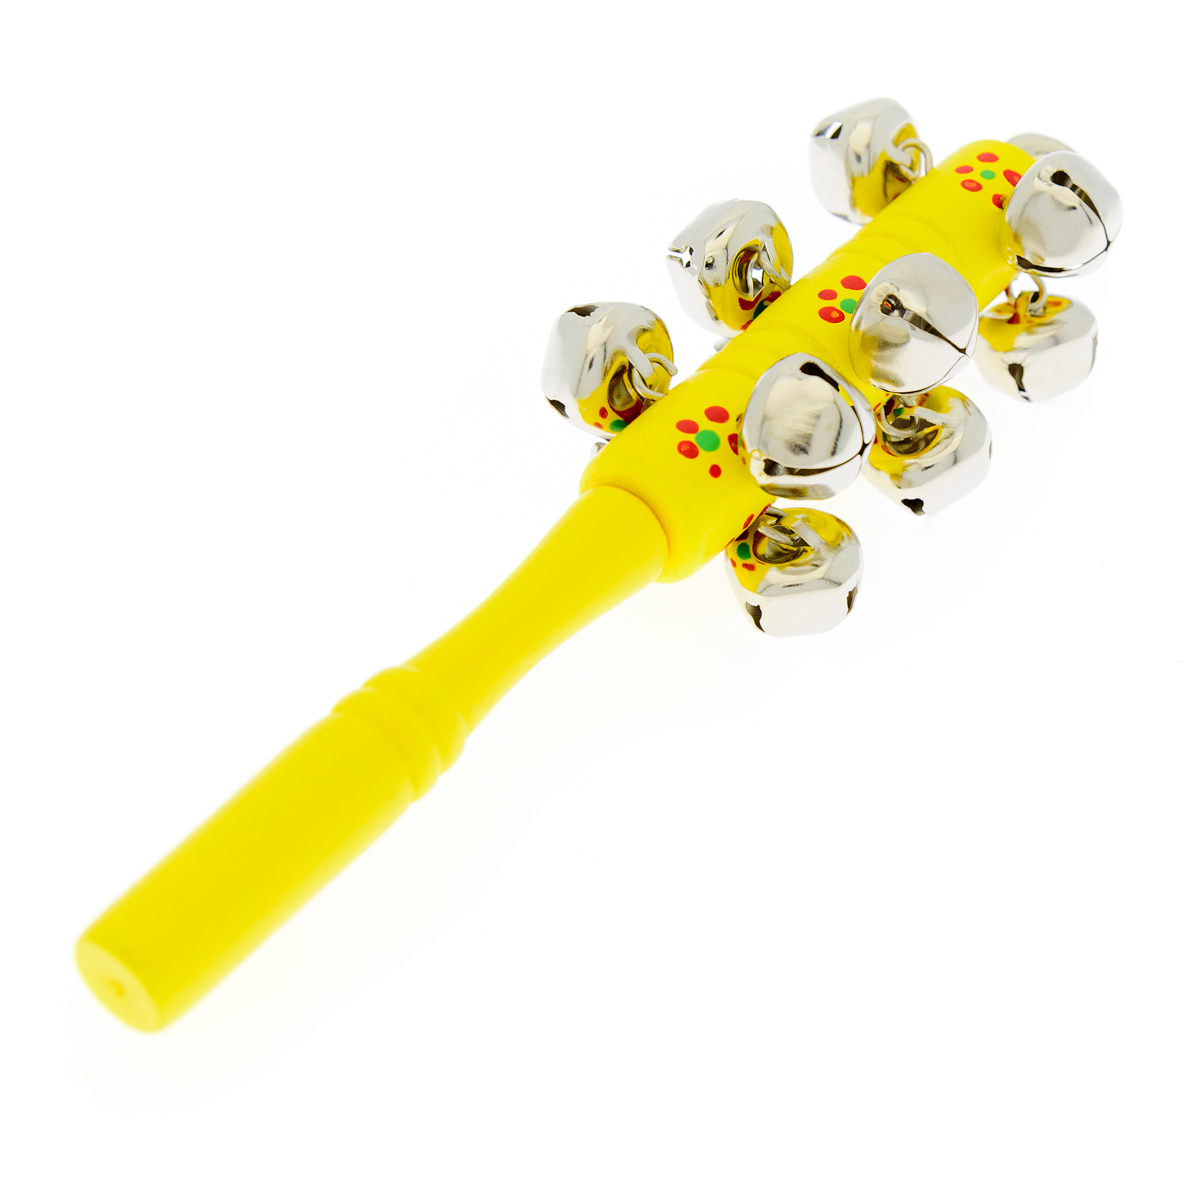 Анданте Детский музыкальный инструмент Стучалка Бубенцы цвет желтый